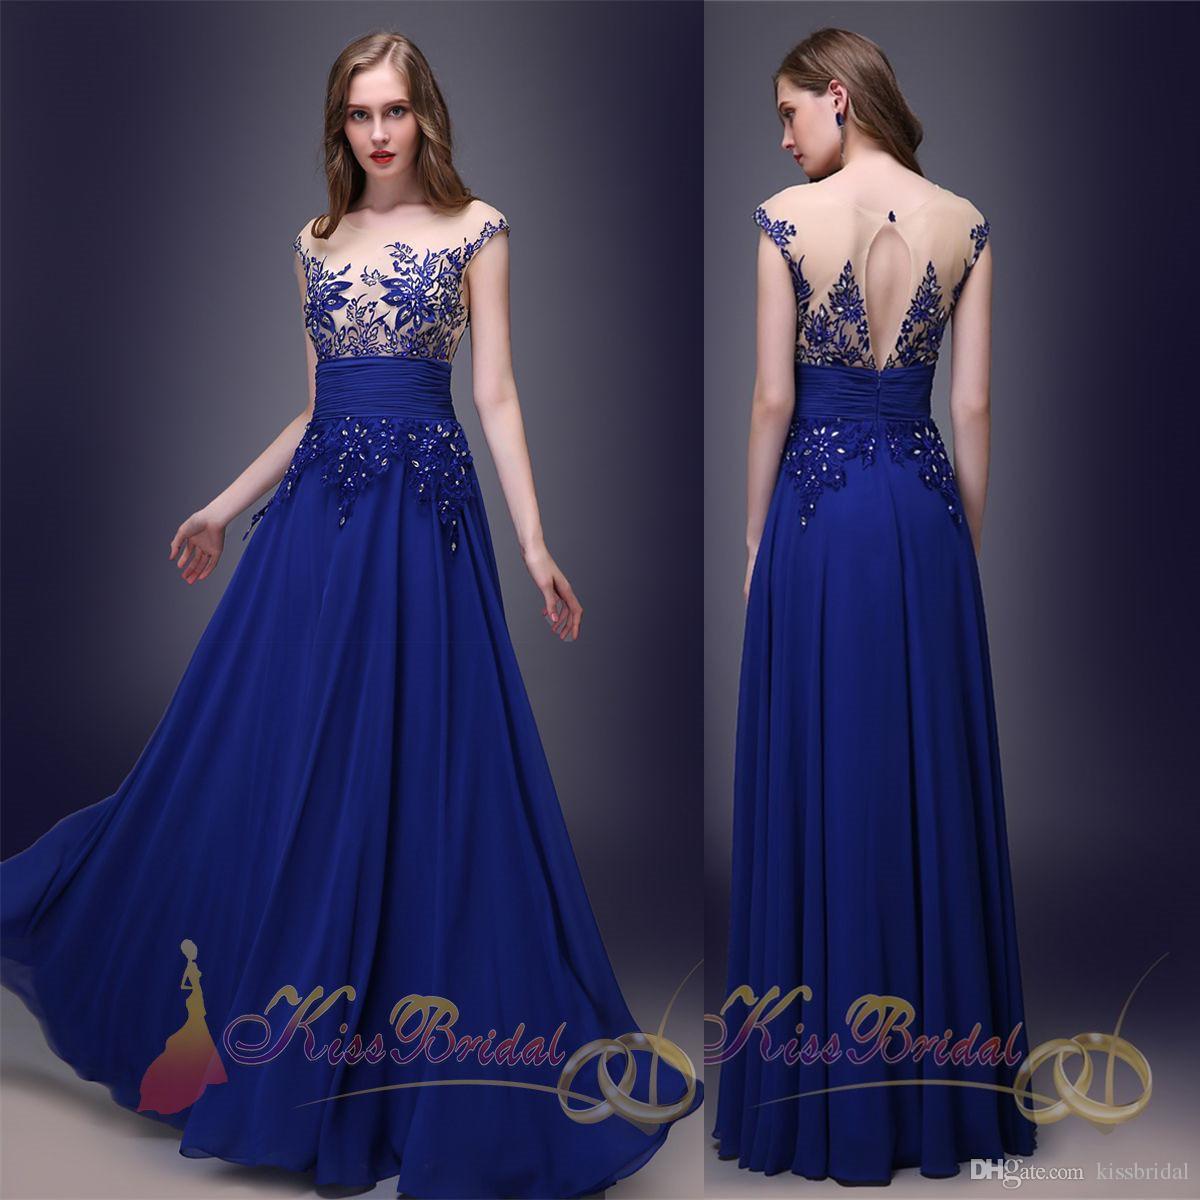 2014 Hot Sales Designer Evening Dresses Lace Appliqued Sheer Jewel ...